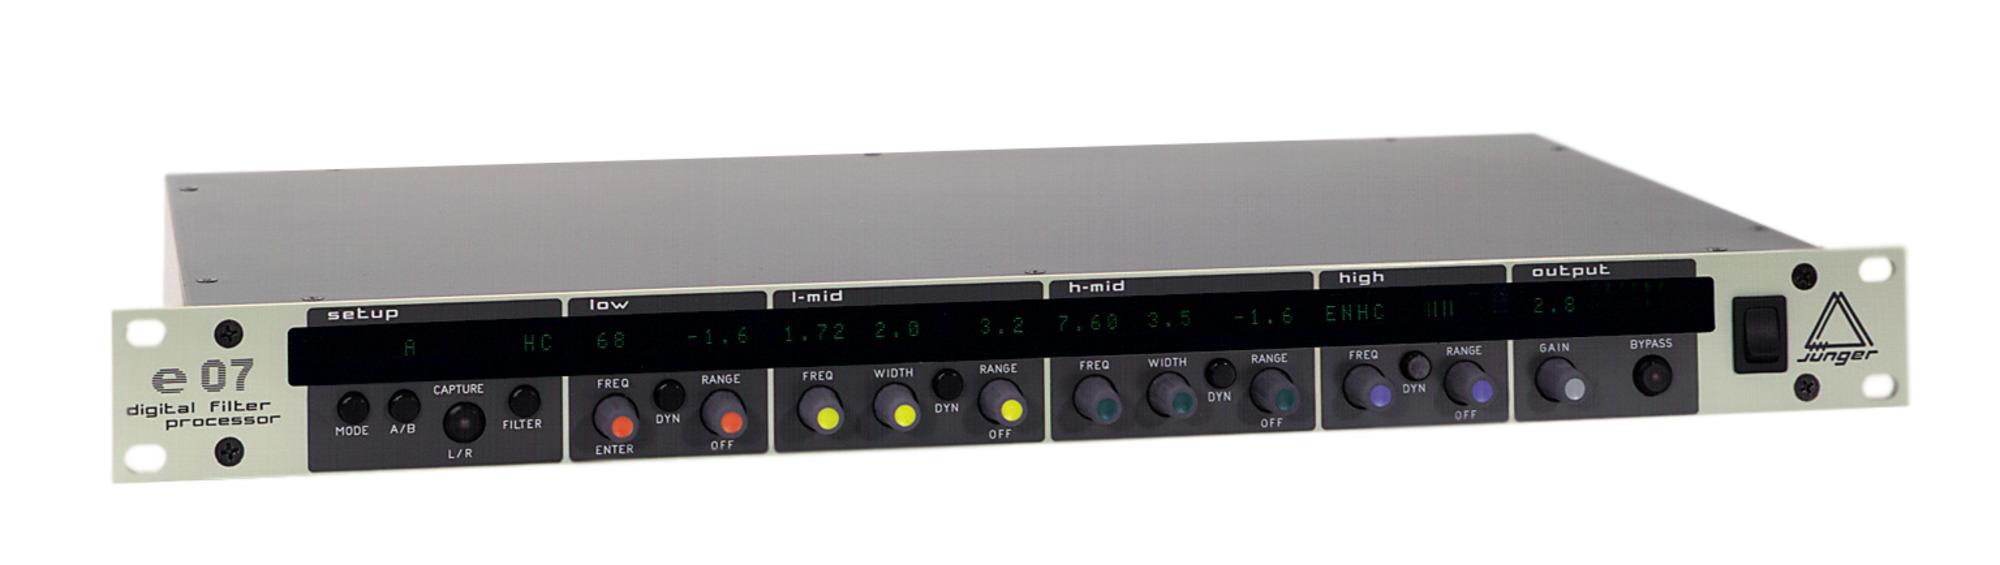 DRIVERS UPDATE: JUNGER DAP4 VAP DIGITAL AUDIO PROCESSOR